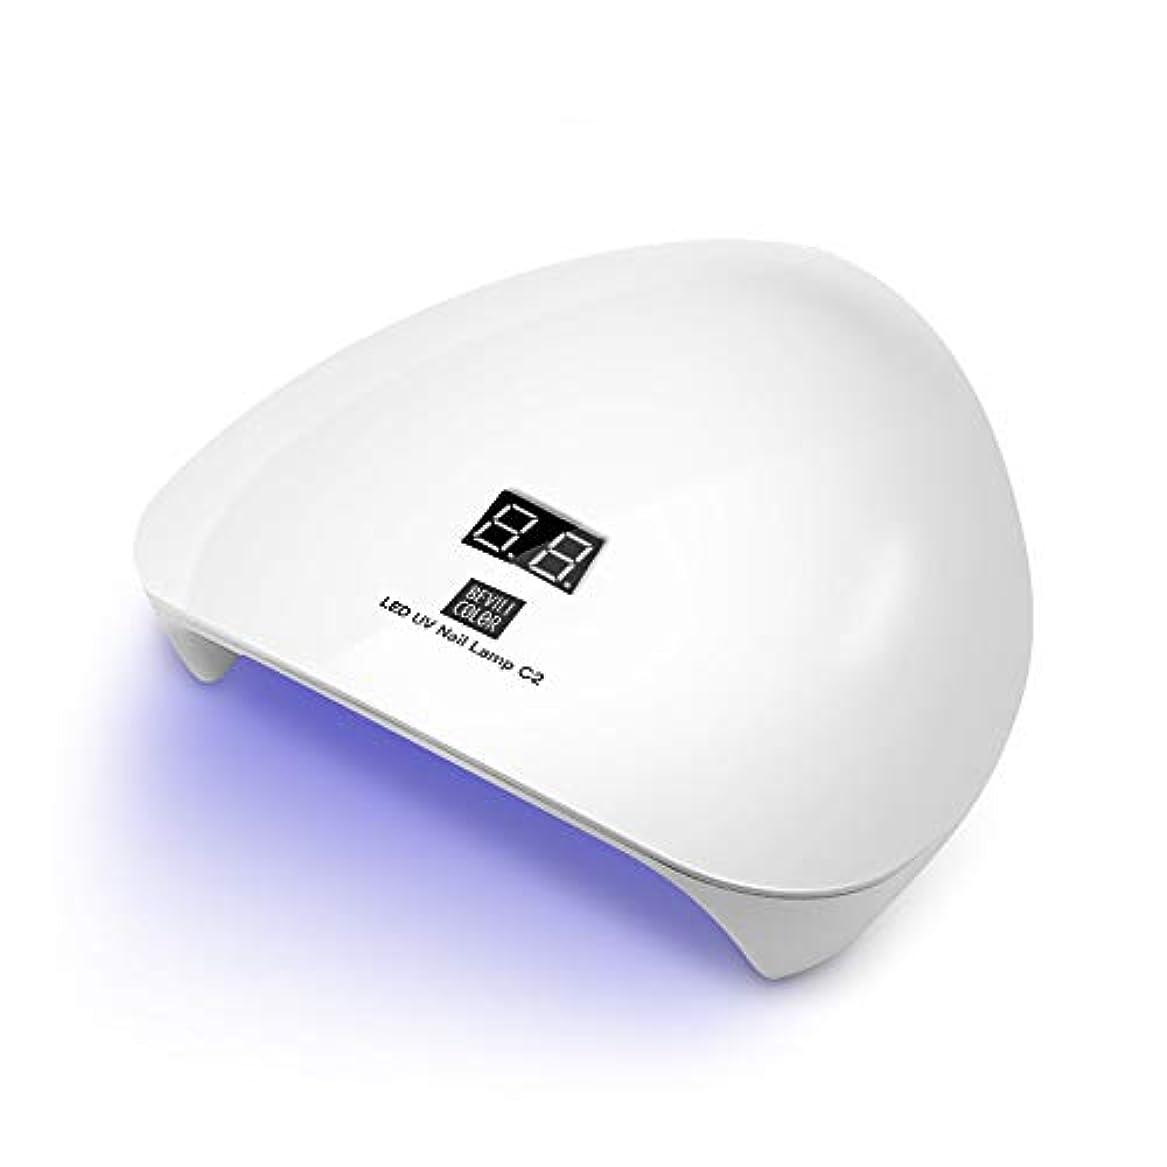 バブル小人サンプルLEDネイルドライヤー UVライト 45W ハイパワー LED硬化ライト自動センサー 15LED 高速硬化 2019最新版 ジェルネイルライトUVとLEDダブルライト ジェルネイル用 (ホワイト)